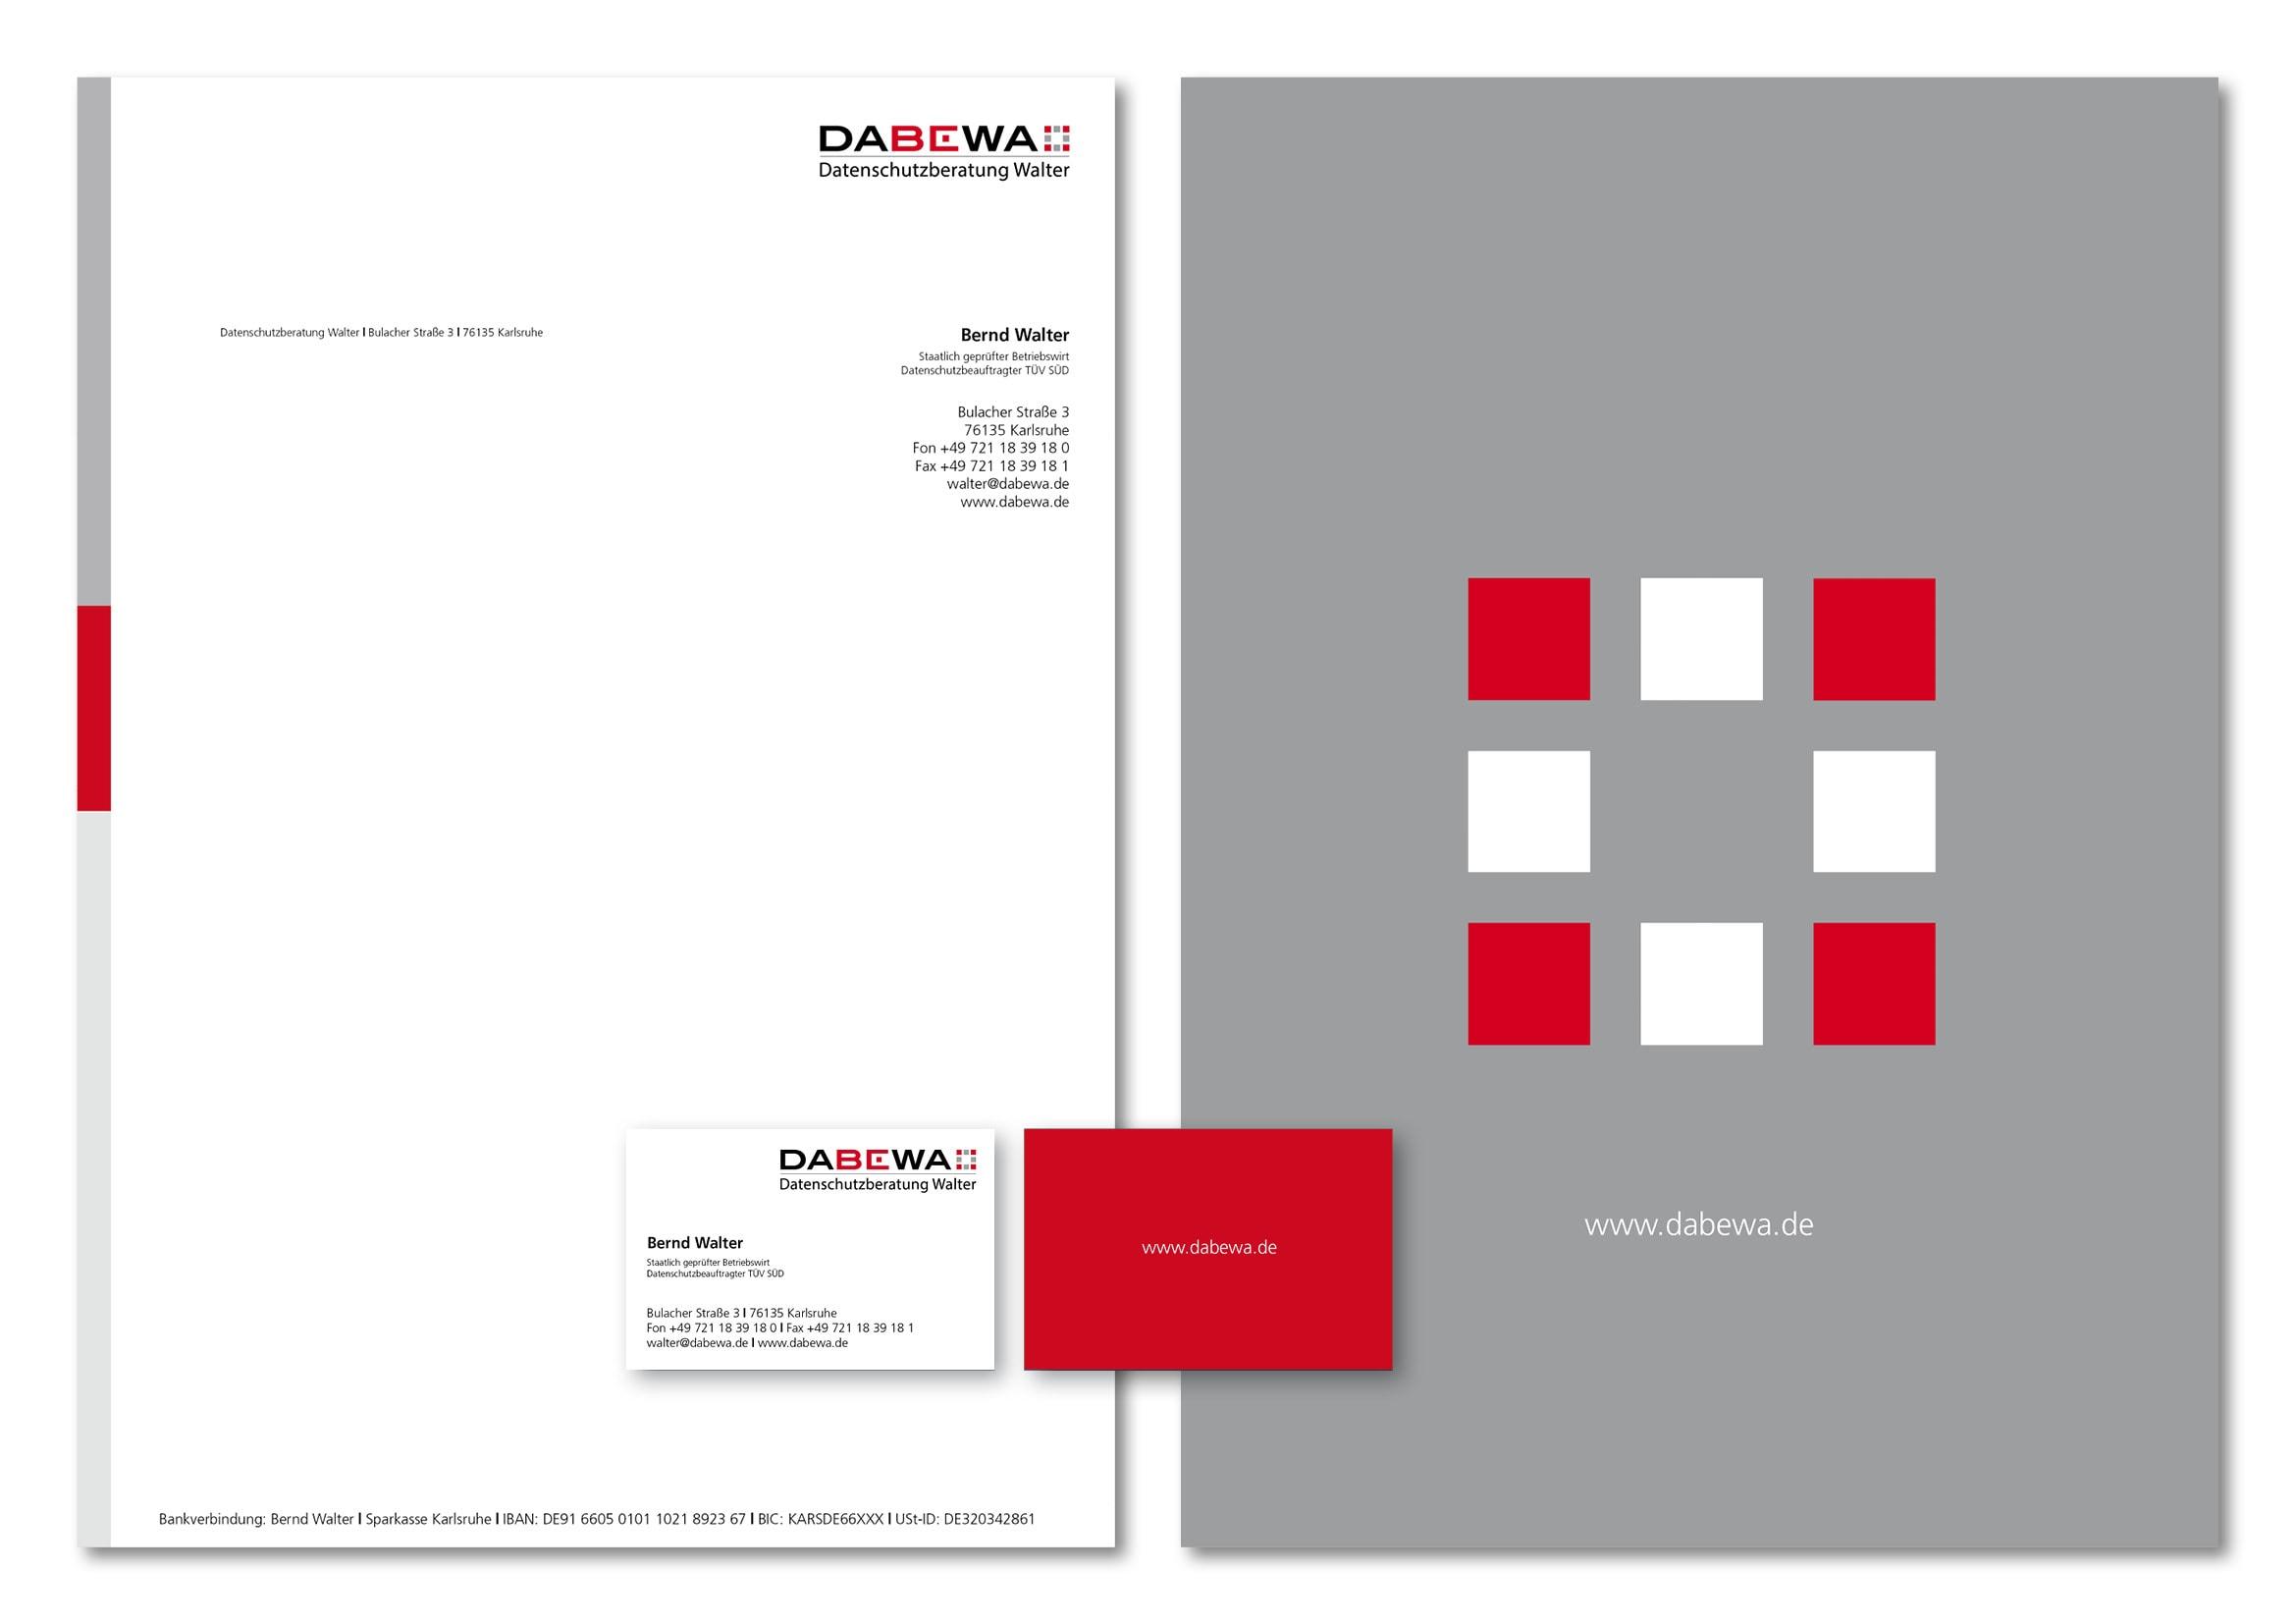 Corporate Design und Webdesign Entwicklung für DABEWA, Datenschutzberatung Bernd Walter aus Karlsruhe durch Grafik-Designer Ronald Wissler